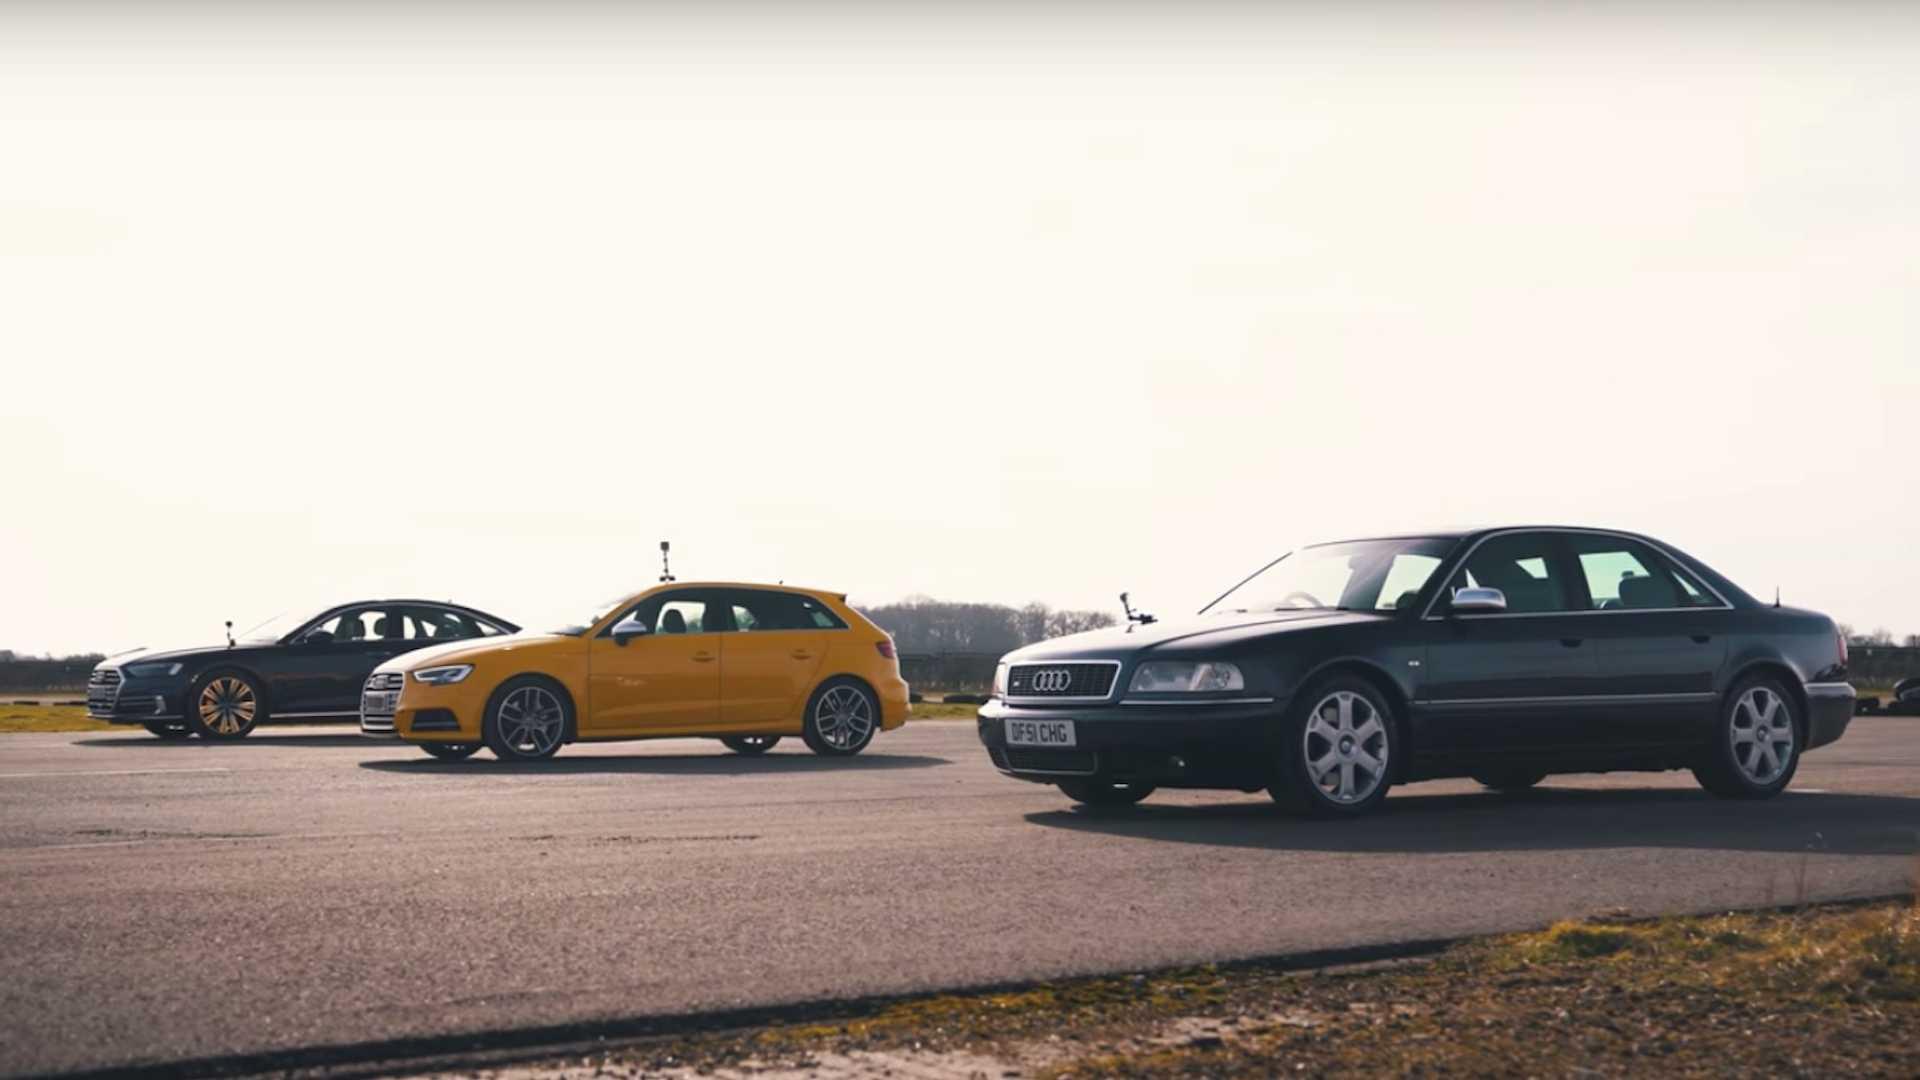 Kelebihan Kekurangan Audi S8 1998 Harga